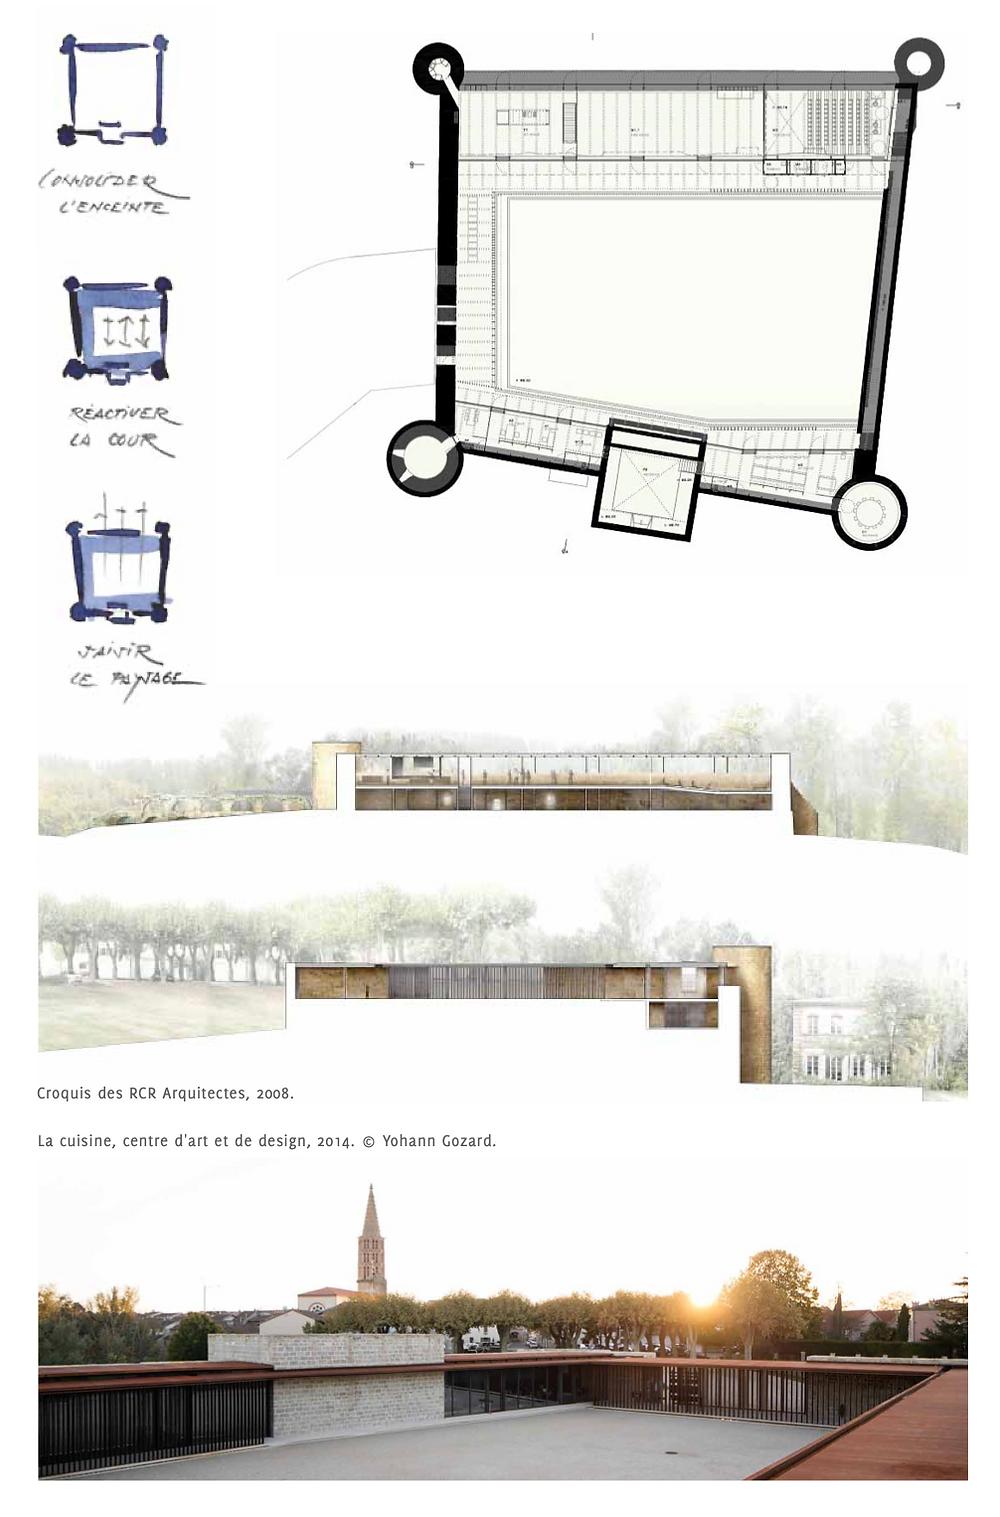 Croquis des RCR Arquitectes, 2008. La cuisine, centre d'art et de design, 2014. © Yohann Gozard.